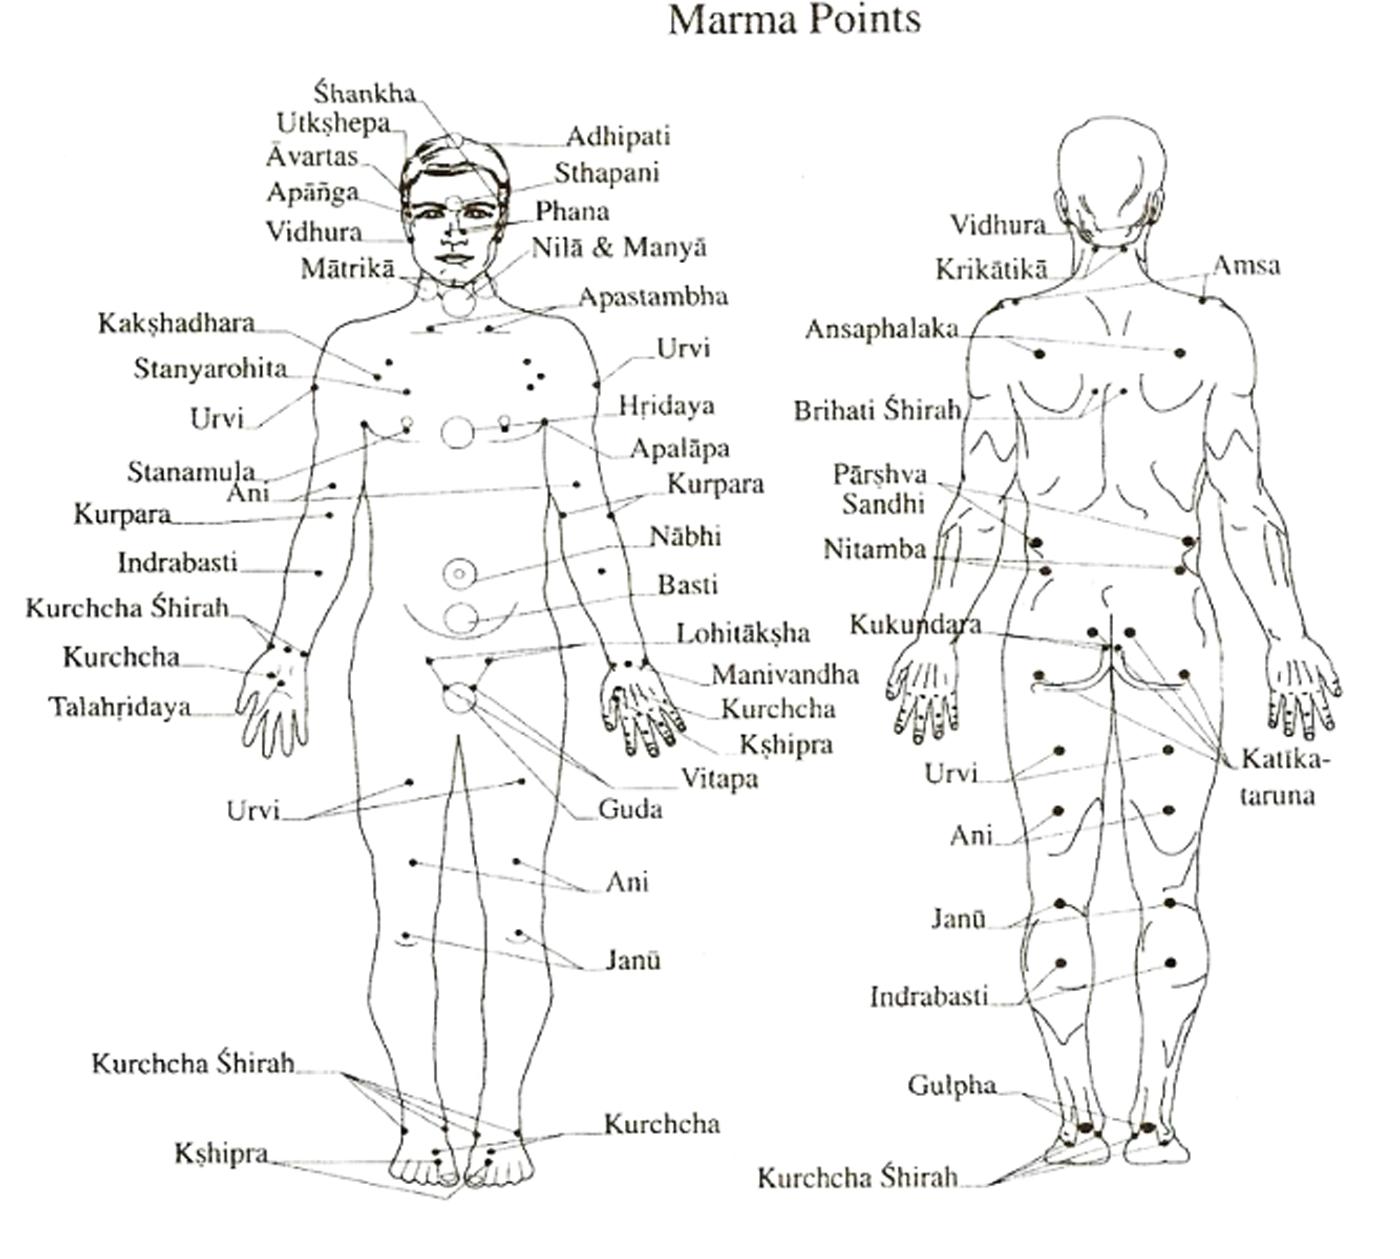 marmas points yoga&vedas